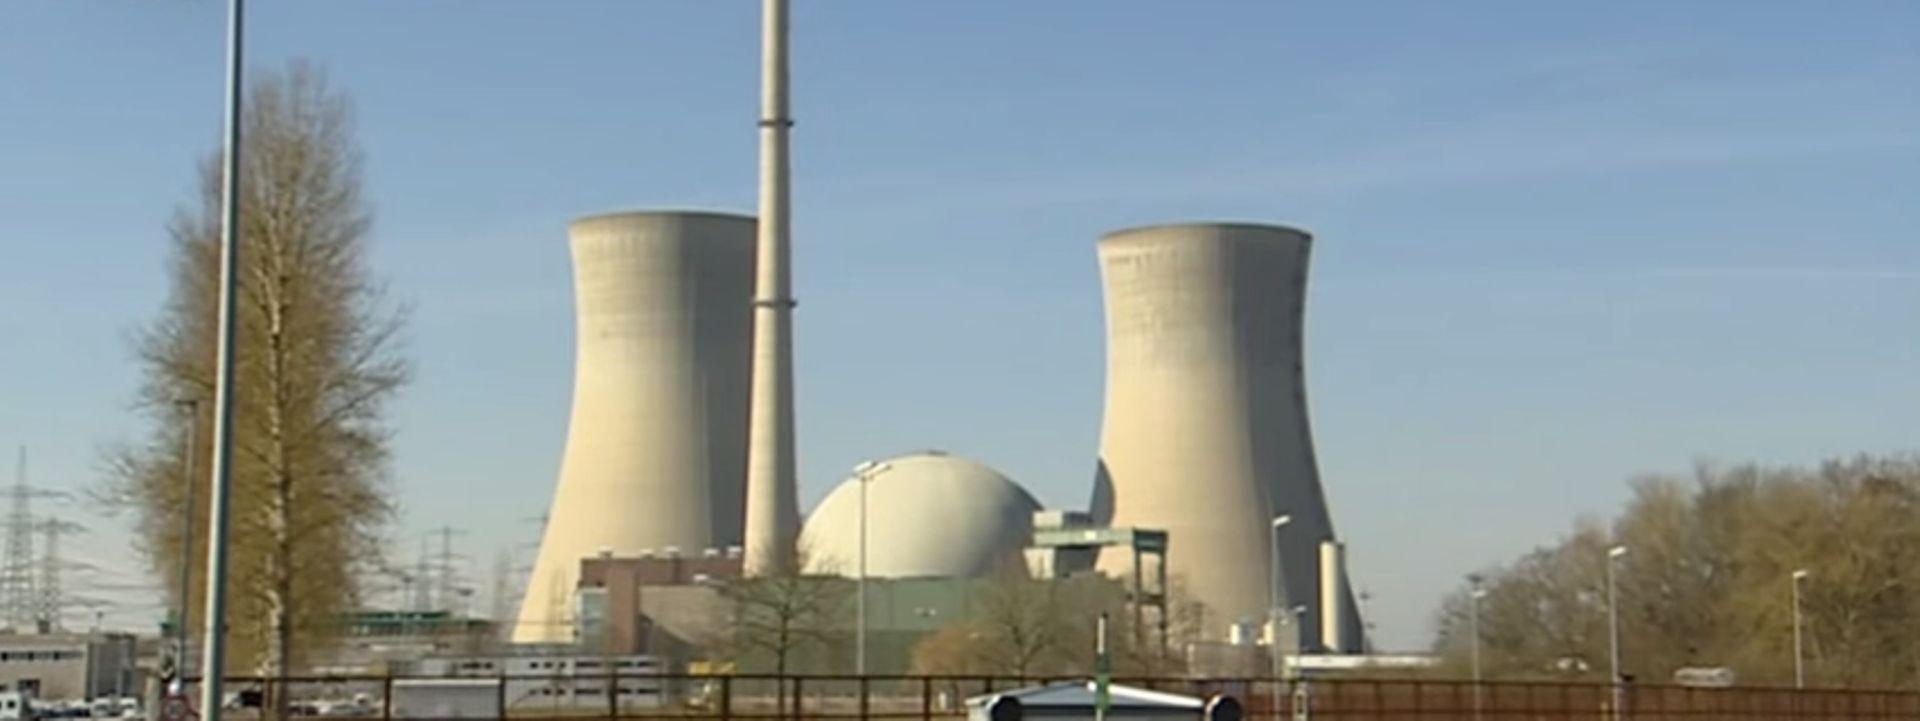 ČISTA I ODRŽIVA ENERGIJA Zatvara se najstariji nuklearni reaktor u Njemačkoj